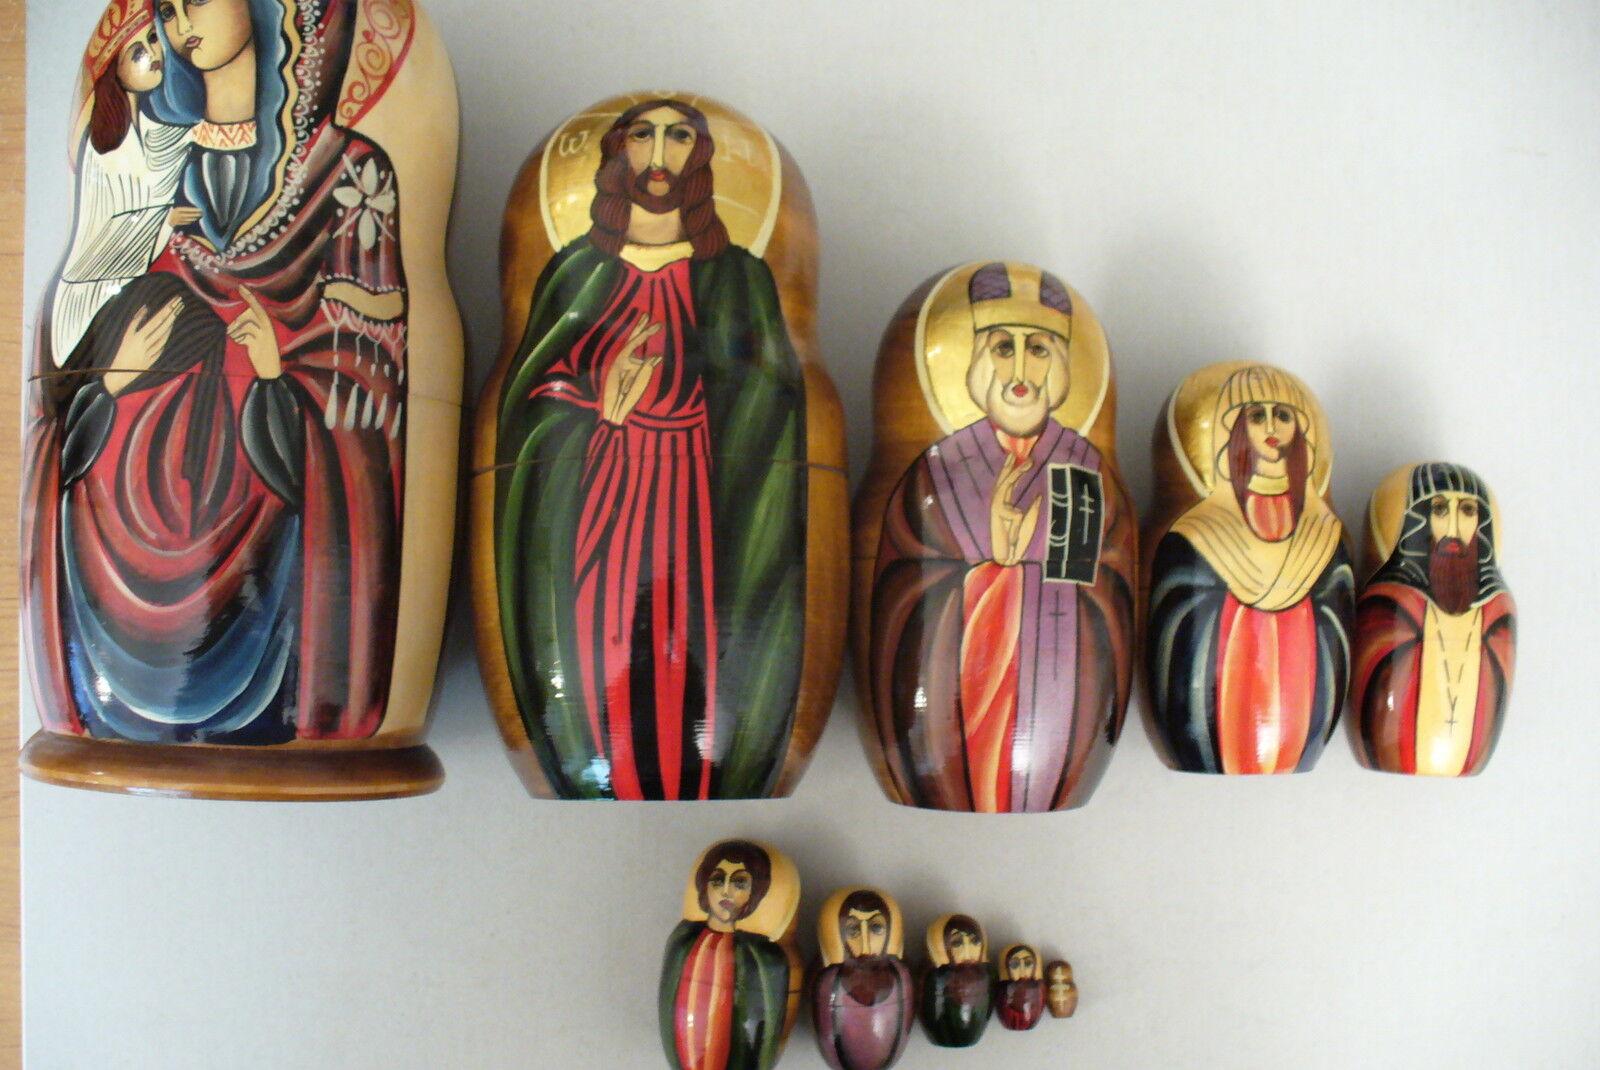 TRÈS RARE POUPÉES RUSSE RELIGIEUSE  10 EMBOÎTÉE - NEUF (peinte main et signé)